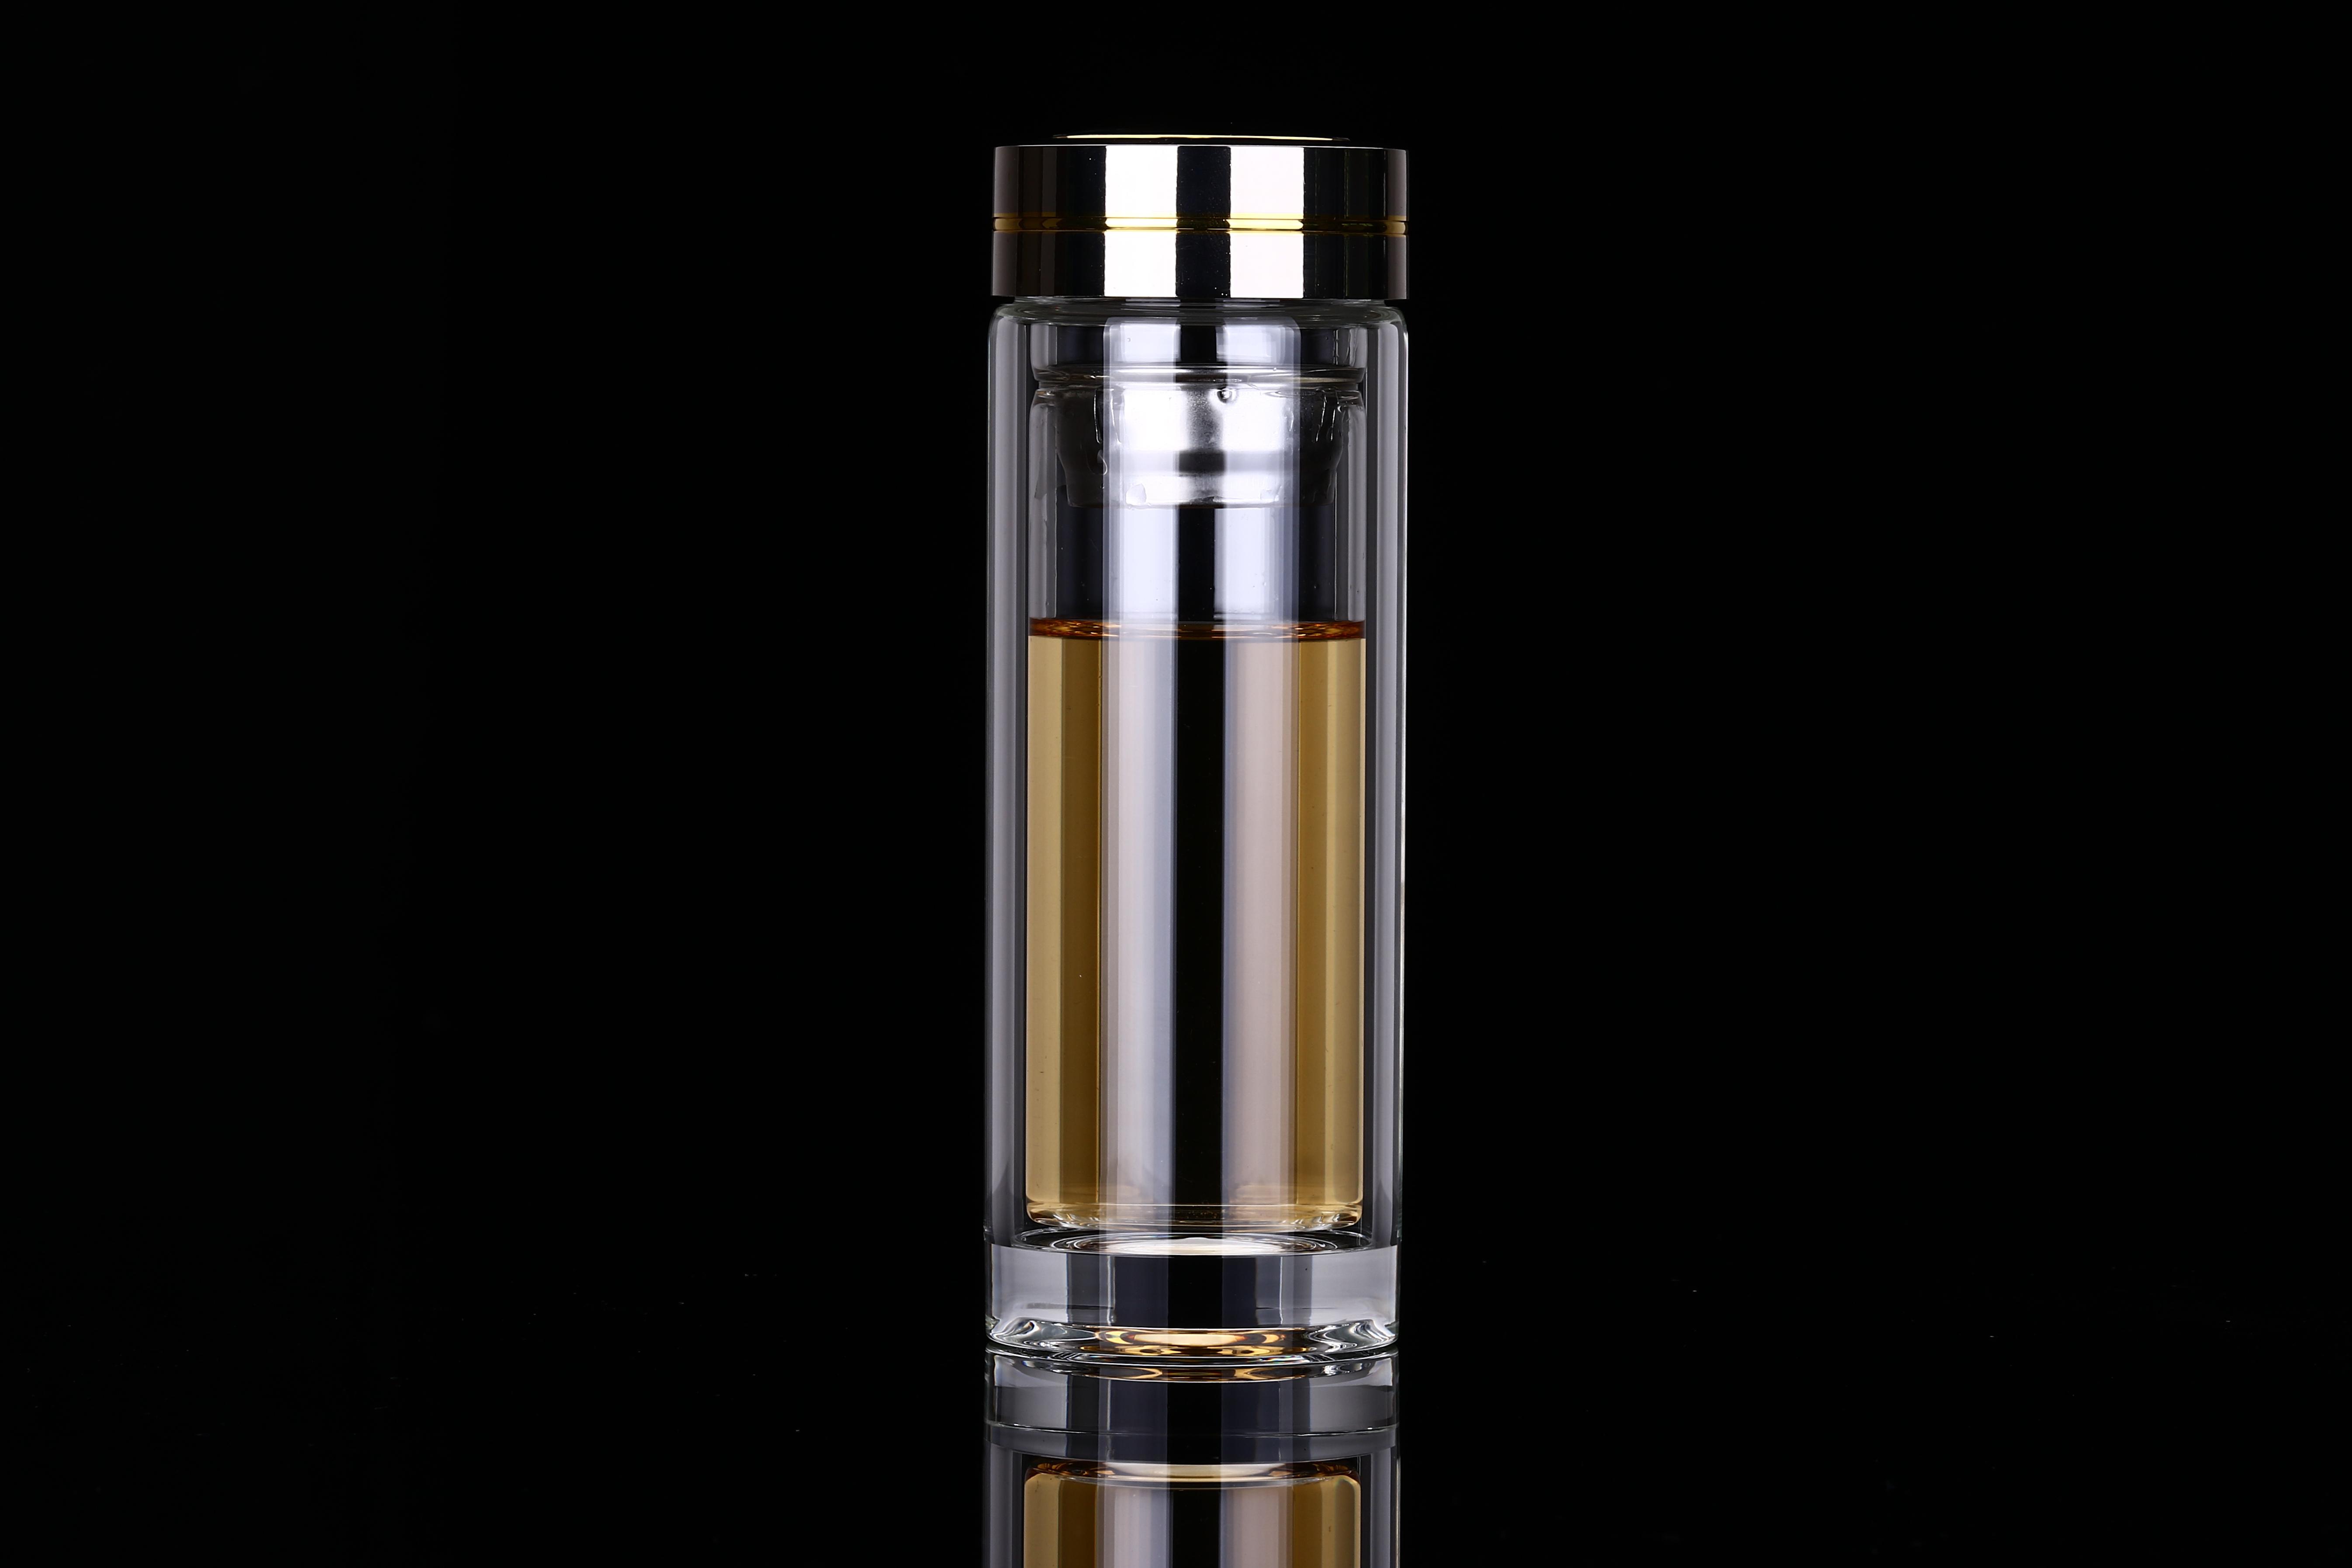 玻璃杯专业供应 双色盖水晶厚底 精品耐高温玻璃杯 男式厚底商务玻璃水杯 双色厚底玻璃杯水杯